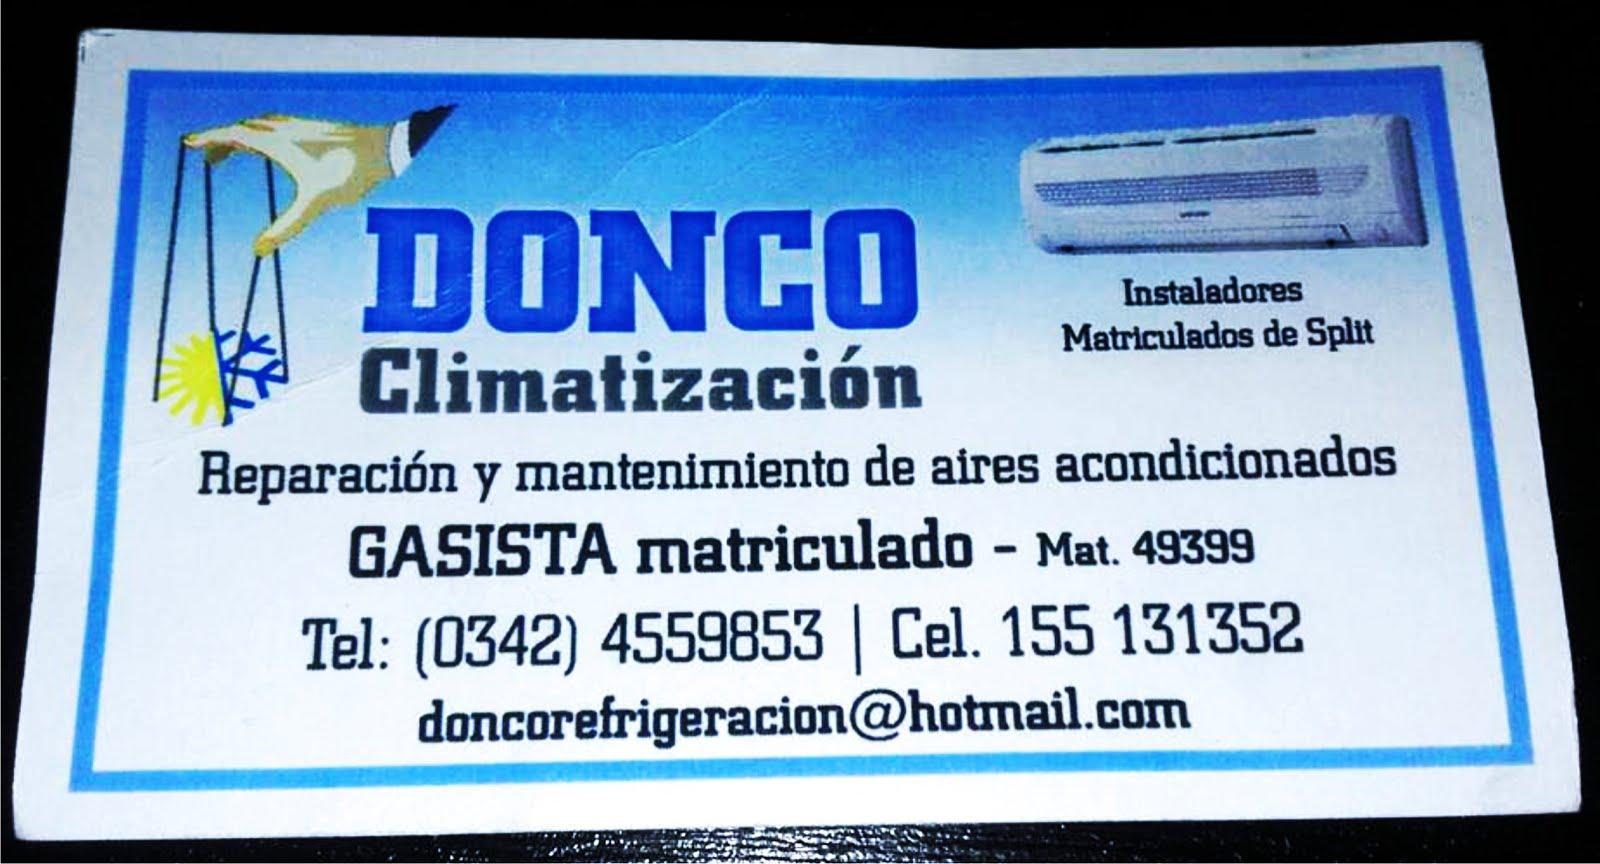 AIRES ACONDICIONADOS - Confiá en un INSTALADOR MATRICULADO